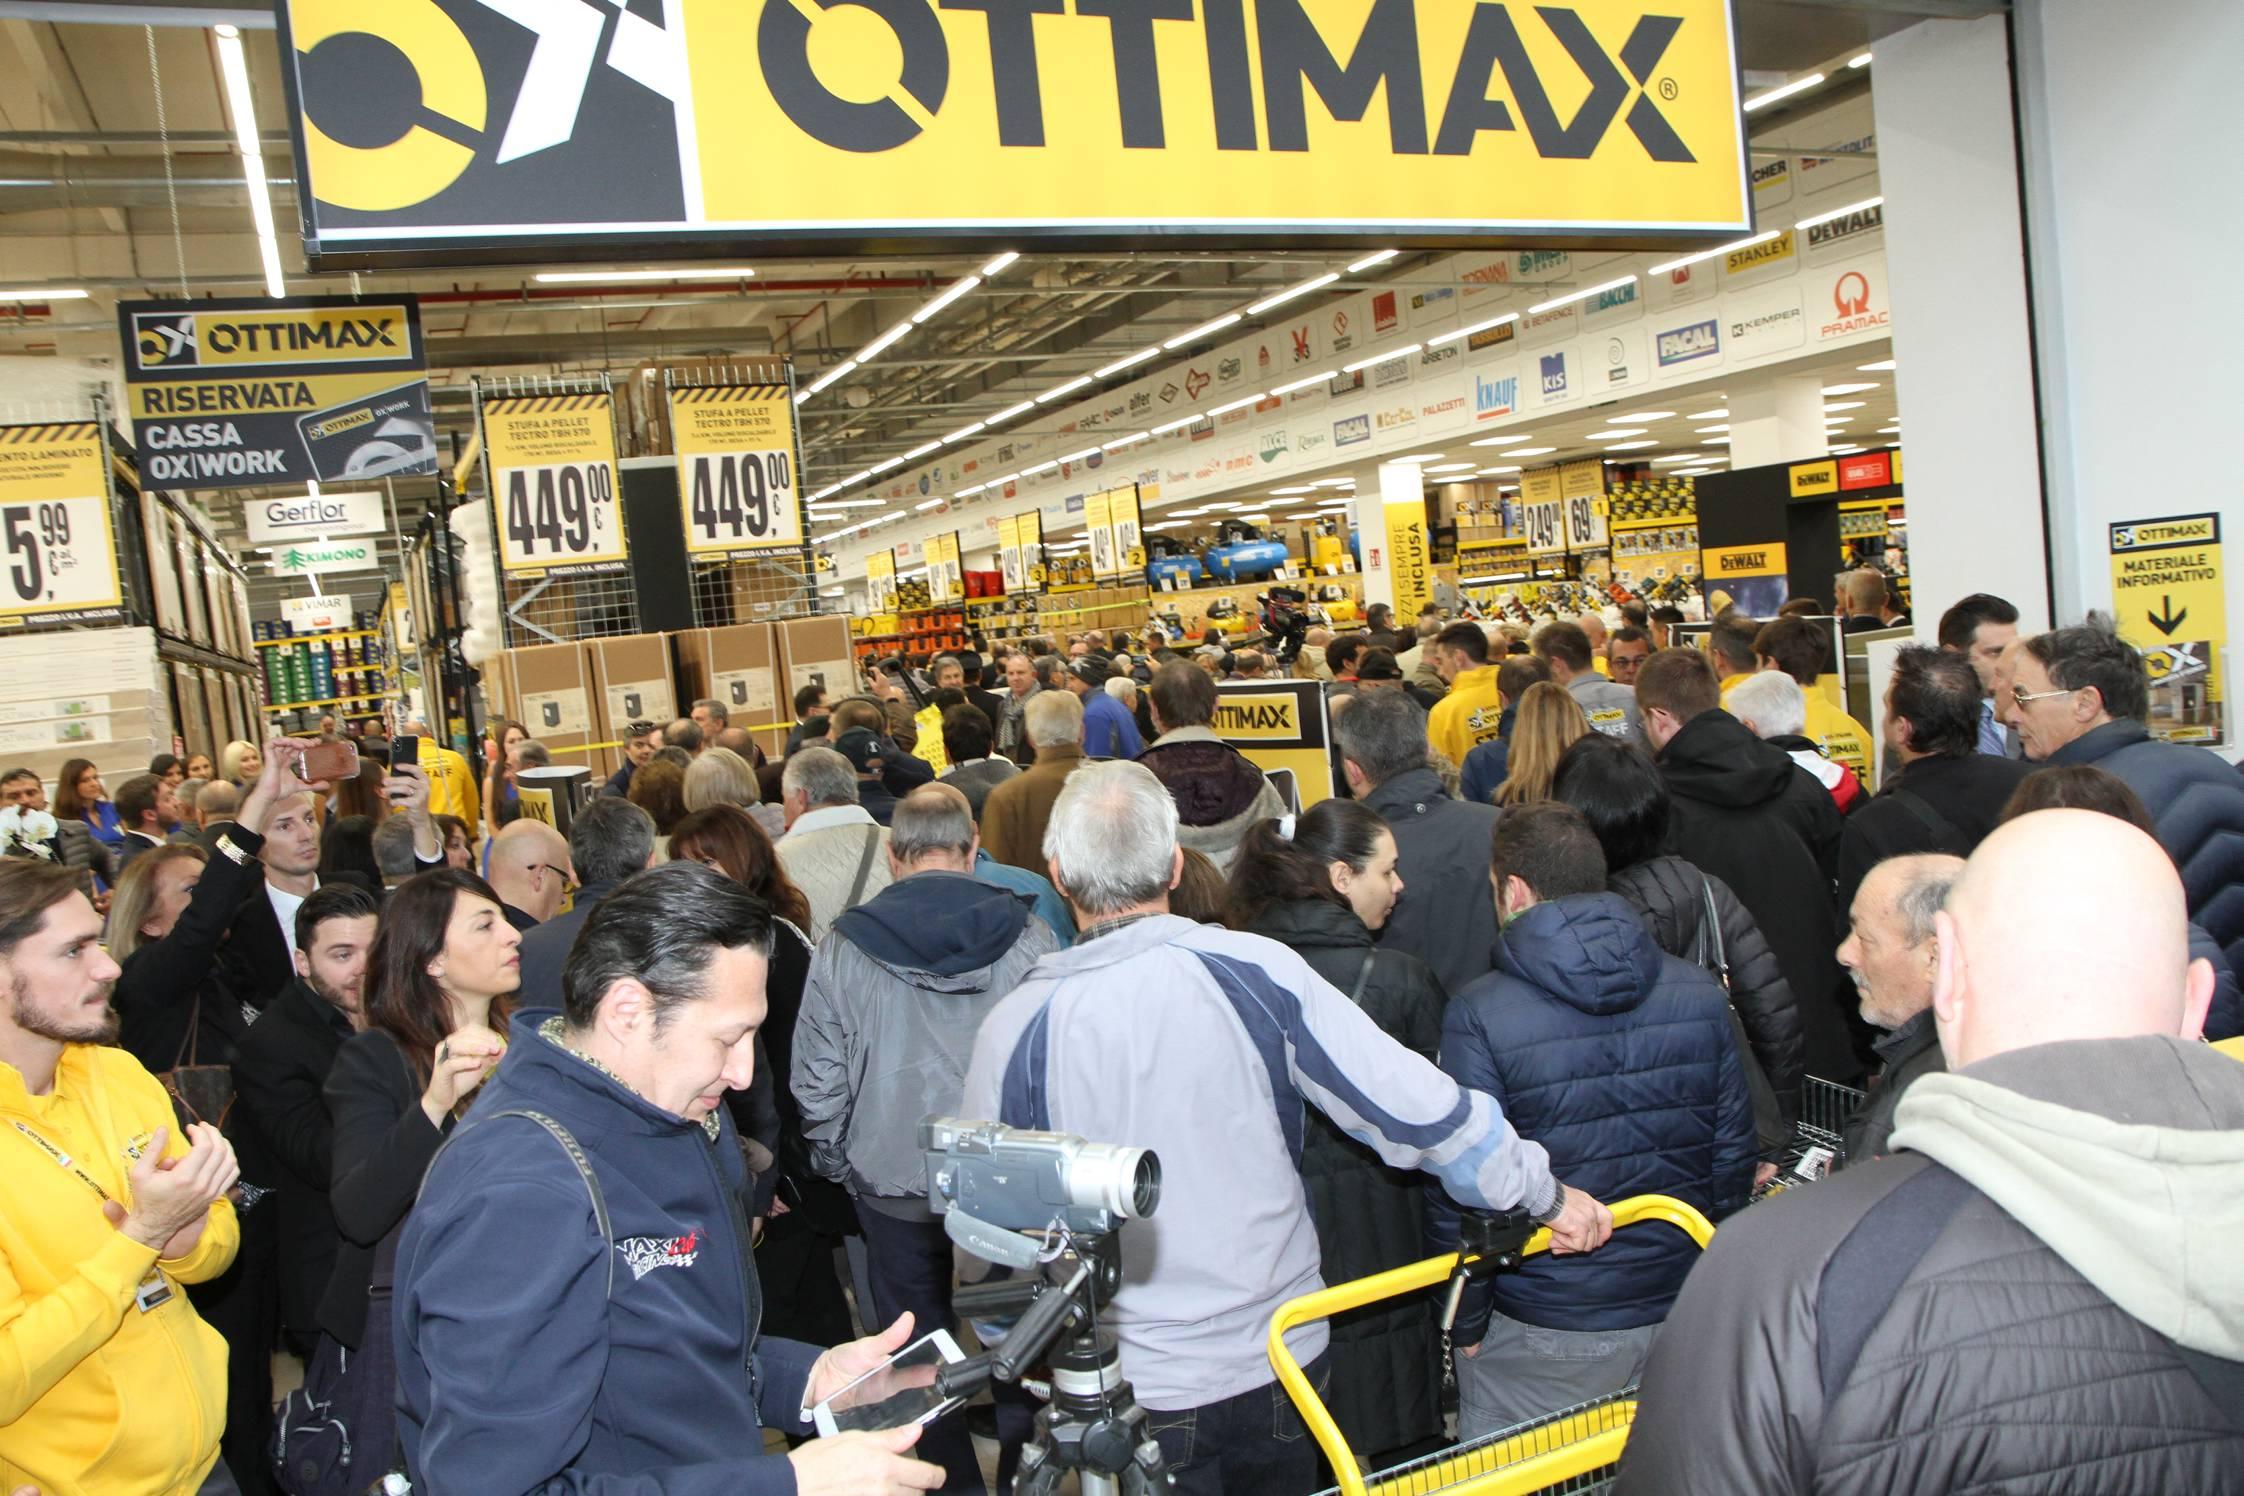 Ottimax: aperto a gradisca il primo punto vendita friulano